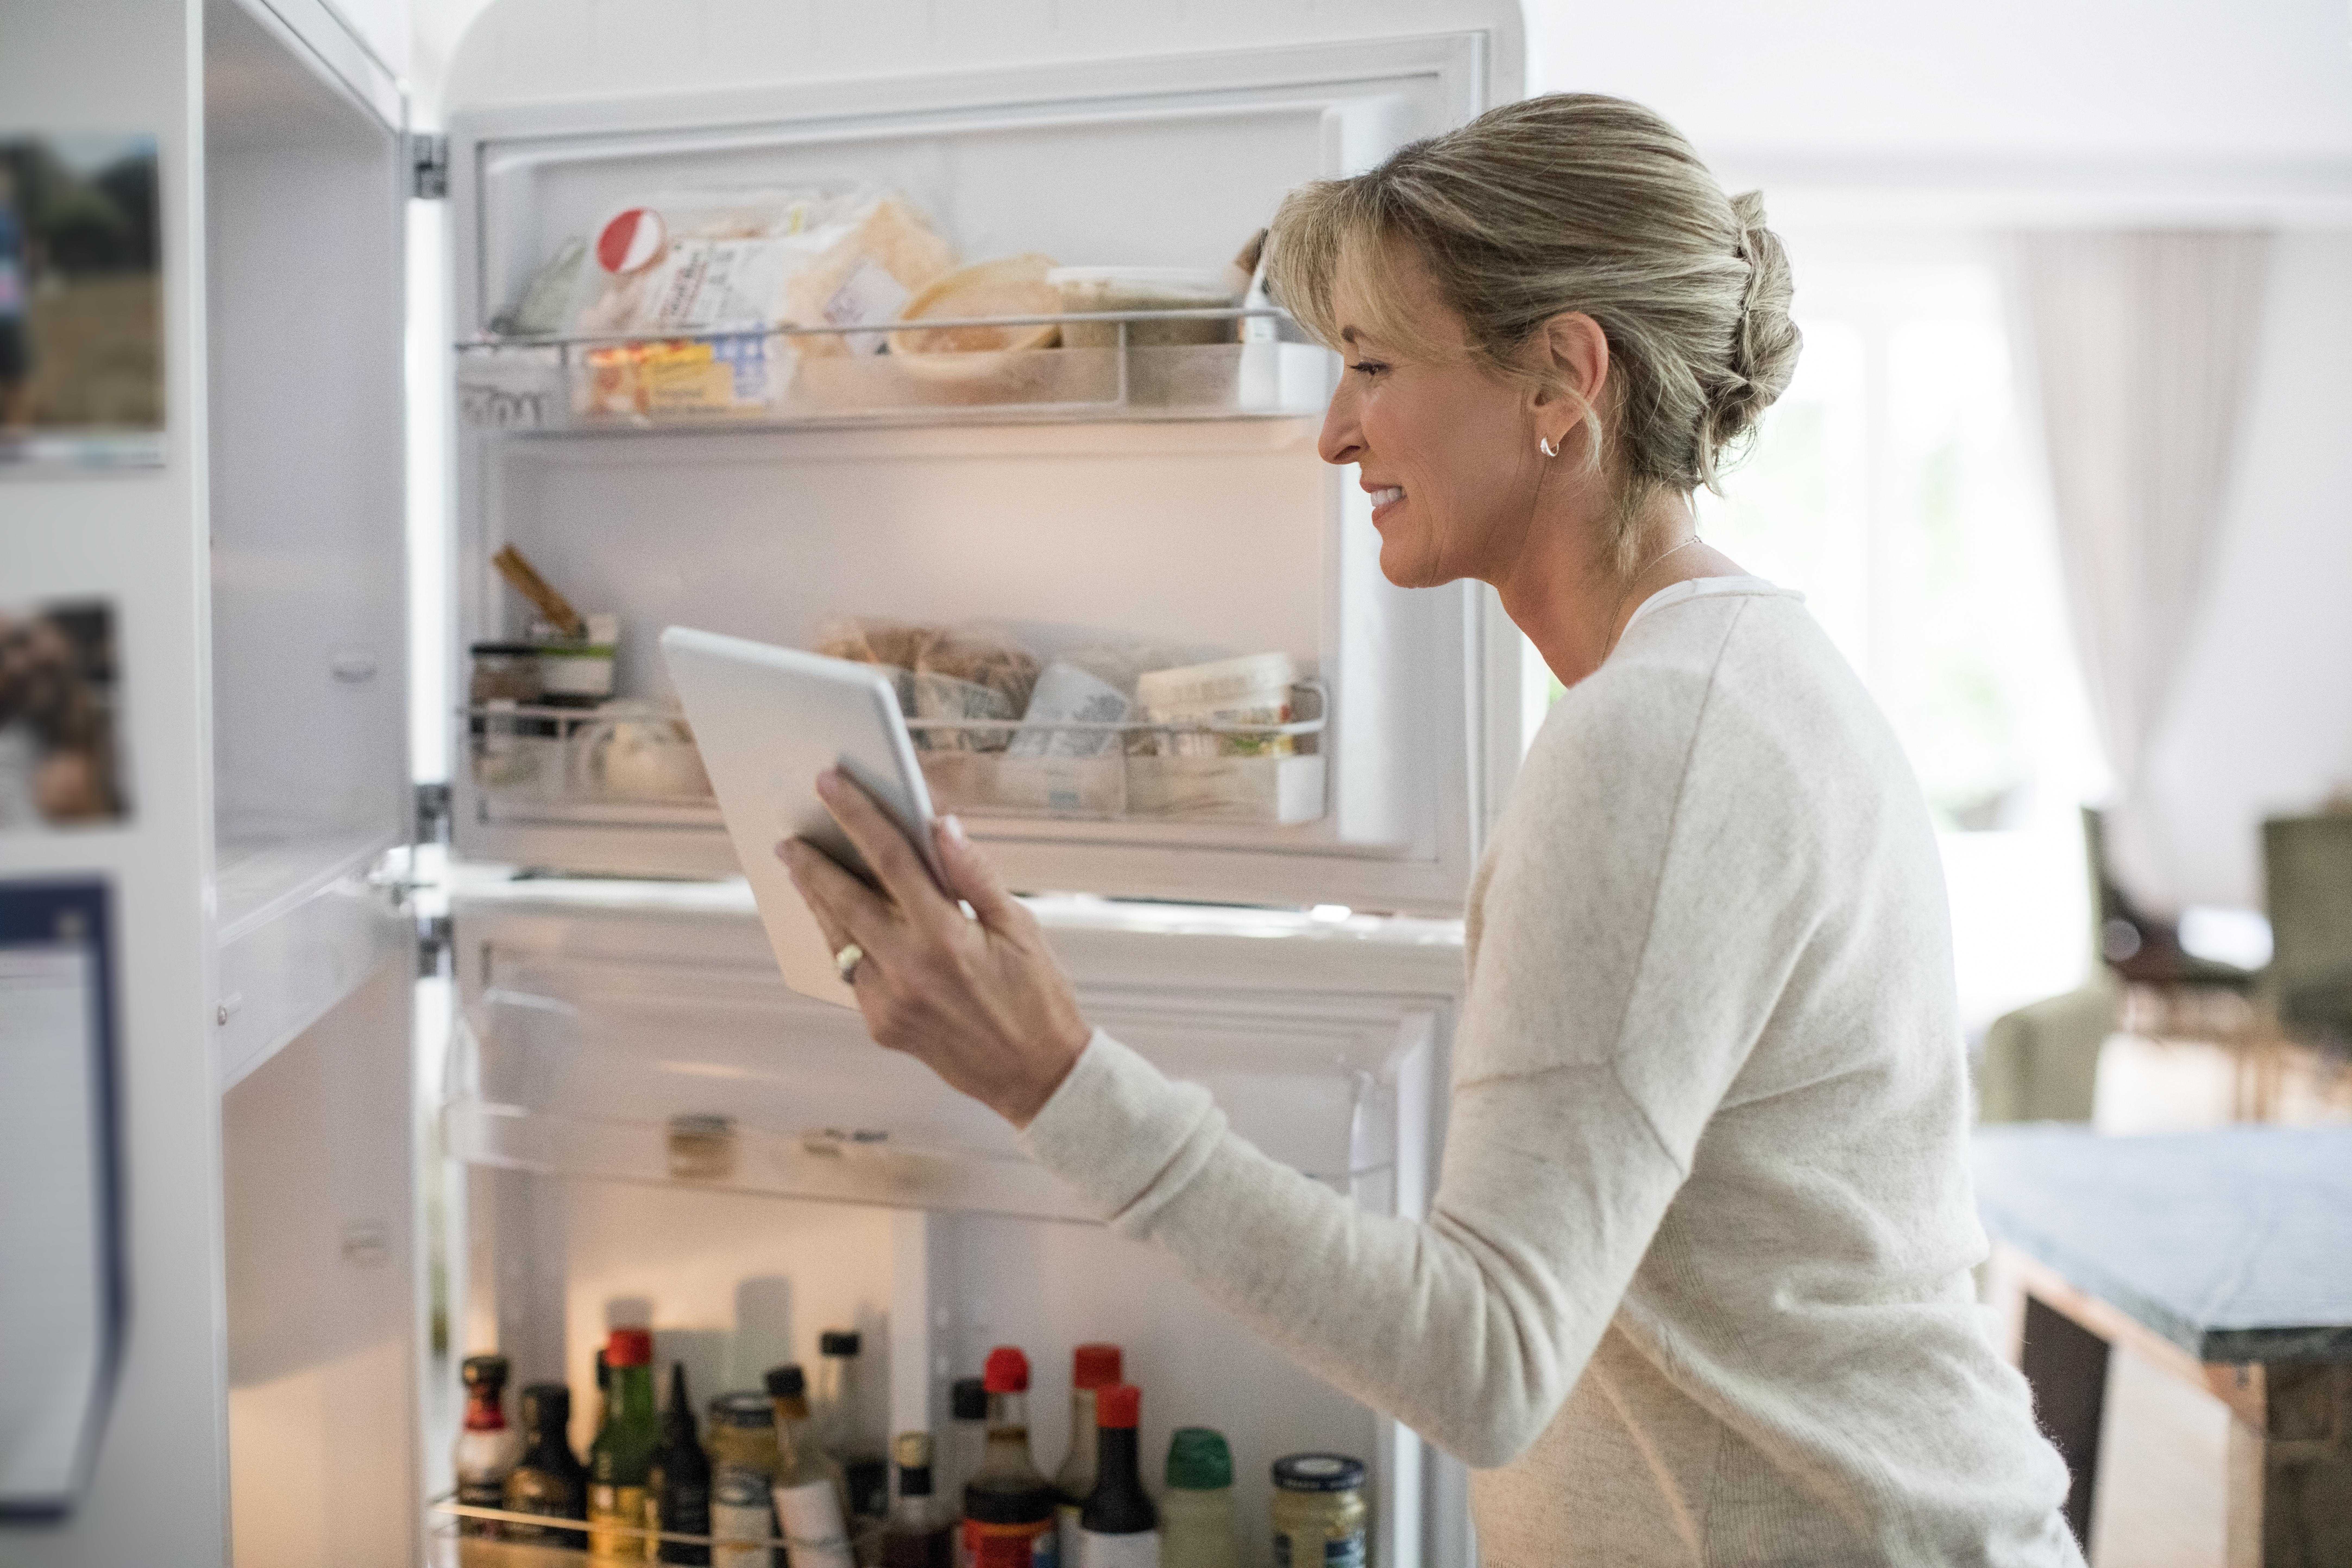 Спазвайте срока на годност.<br /> На опаковките има отбелязани два срока на годност – в затворено състояние и след отваряне. Вторият, естествено, е по-къс. Дори храната да не е с променен вкус, ако е преседяла повече от 24 часа в хладилника, в нея вече са се заселили бактерийки. Пазарувате често и по малко.